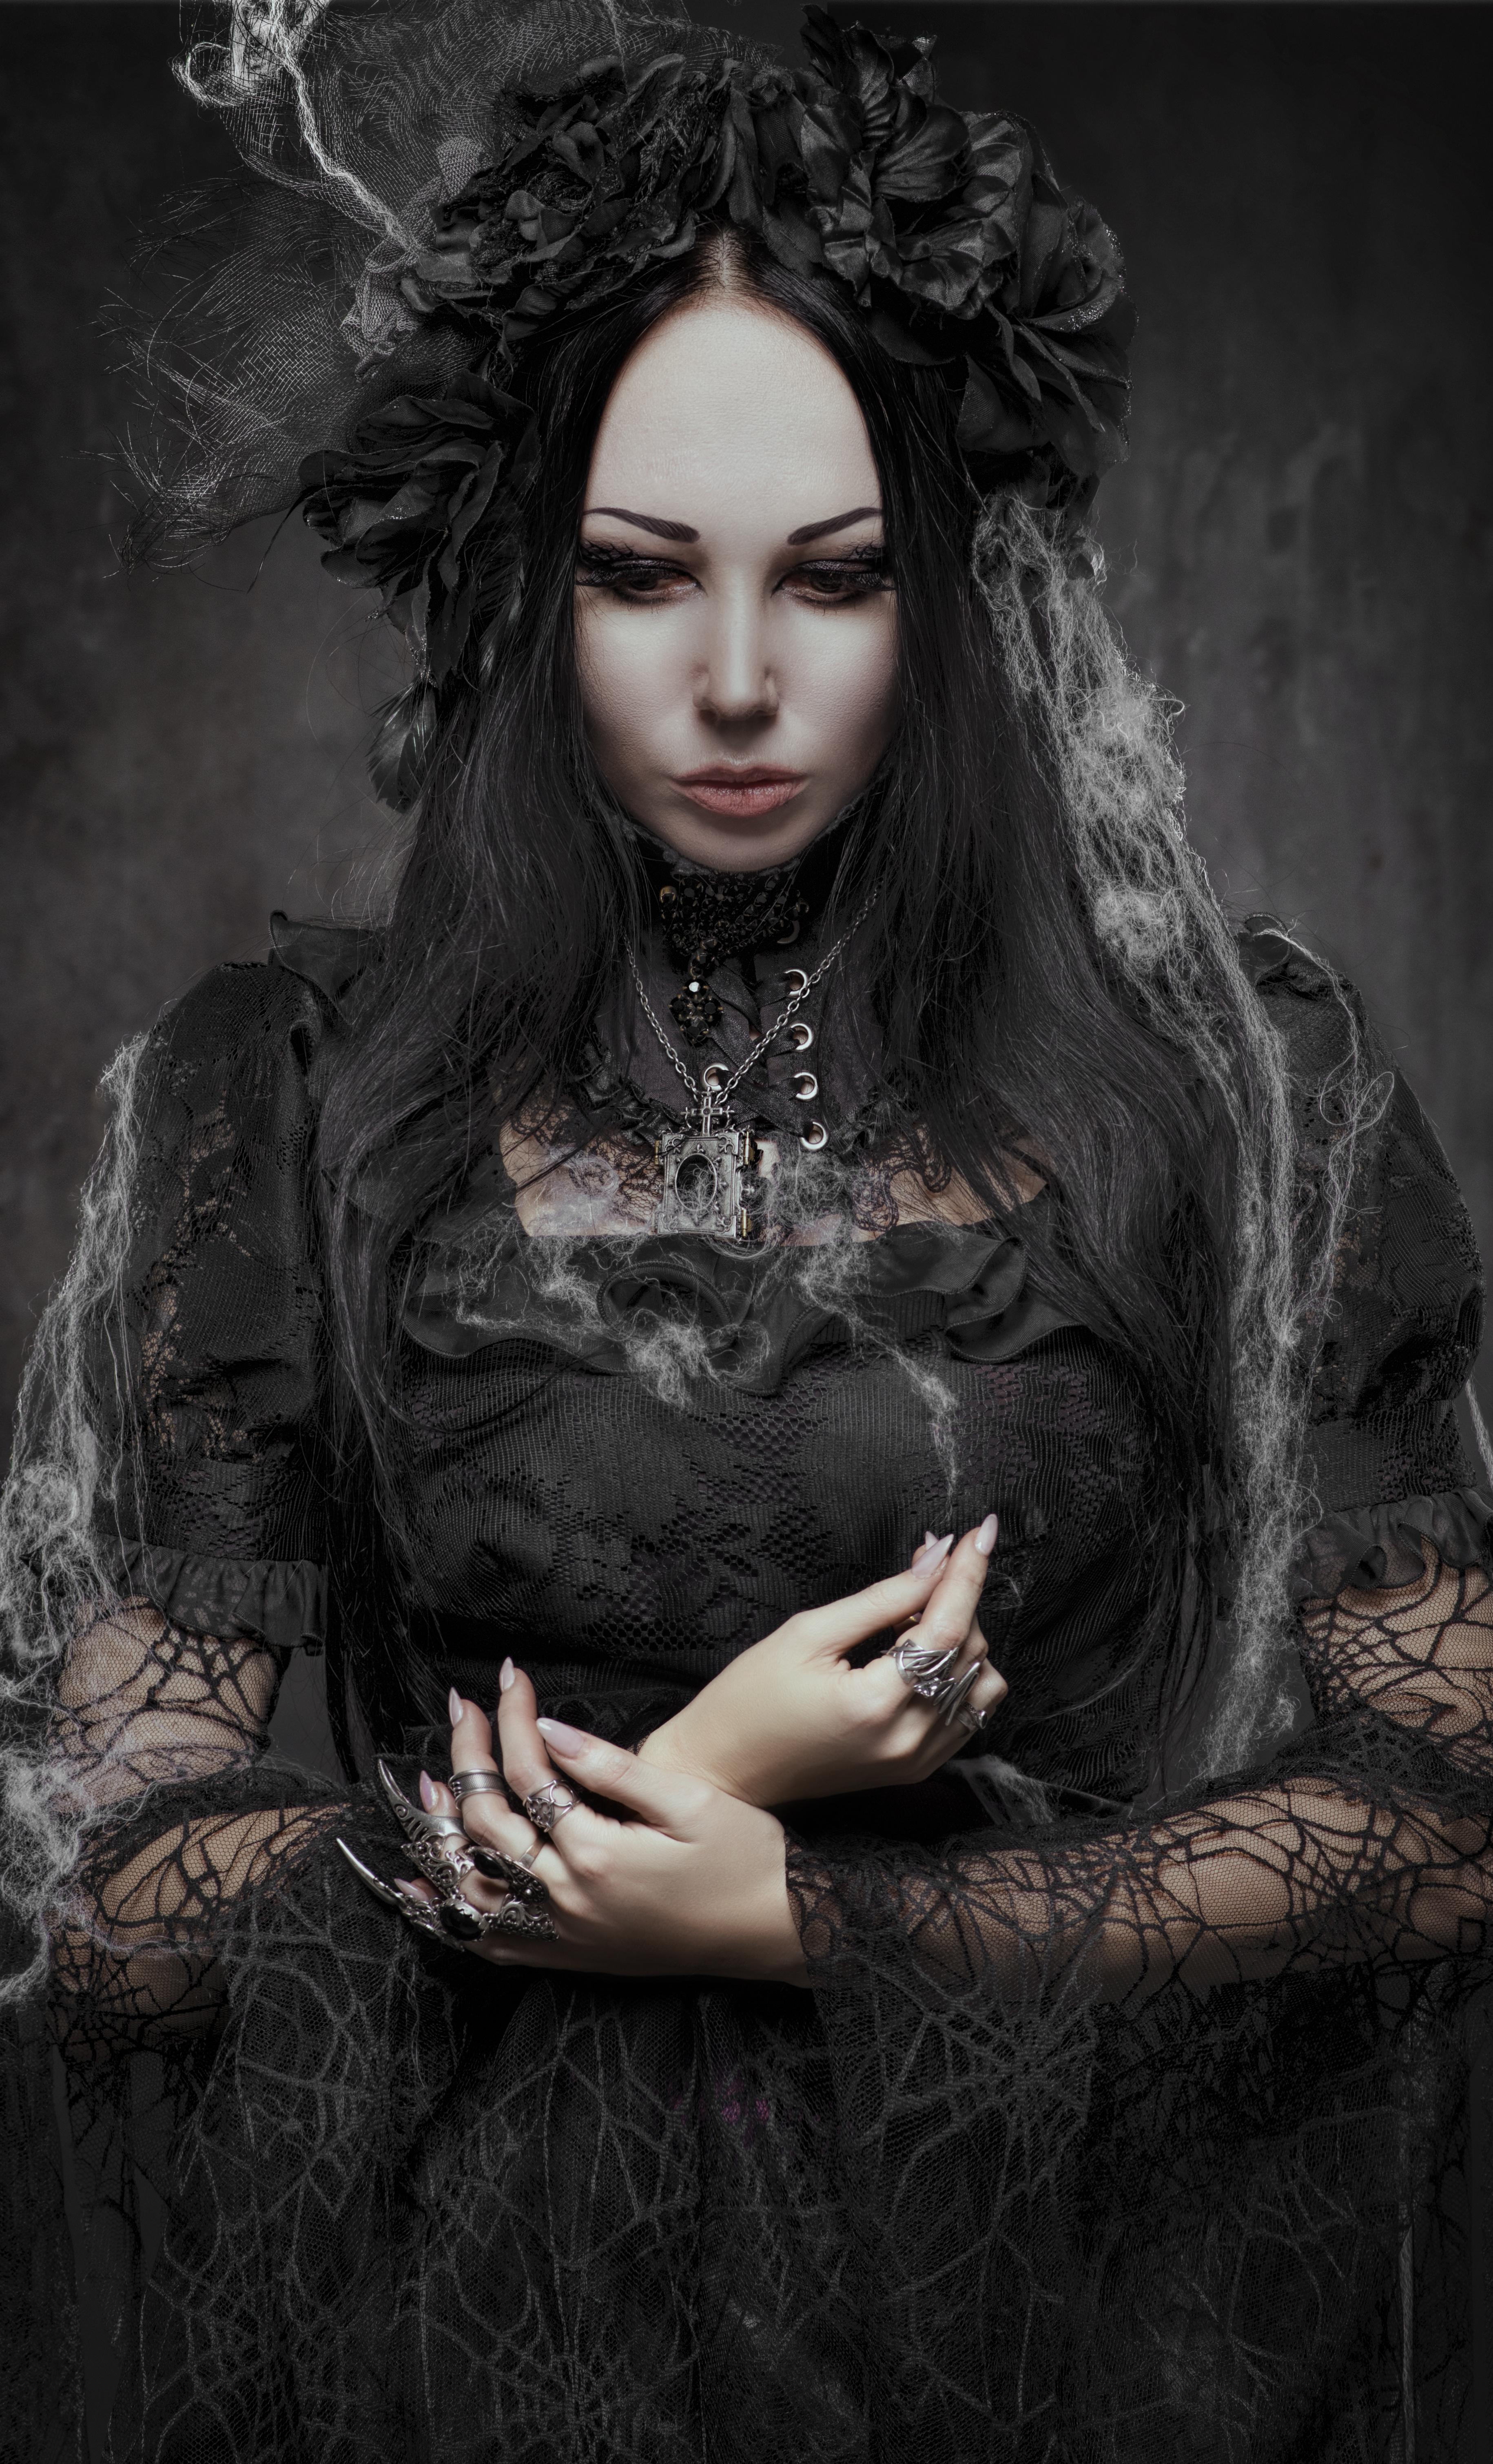 Gothic woman in dark 4